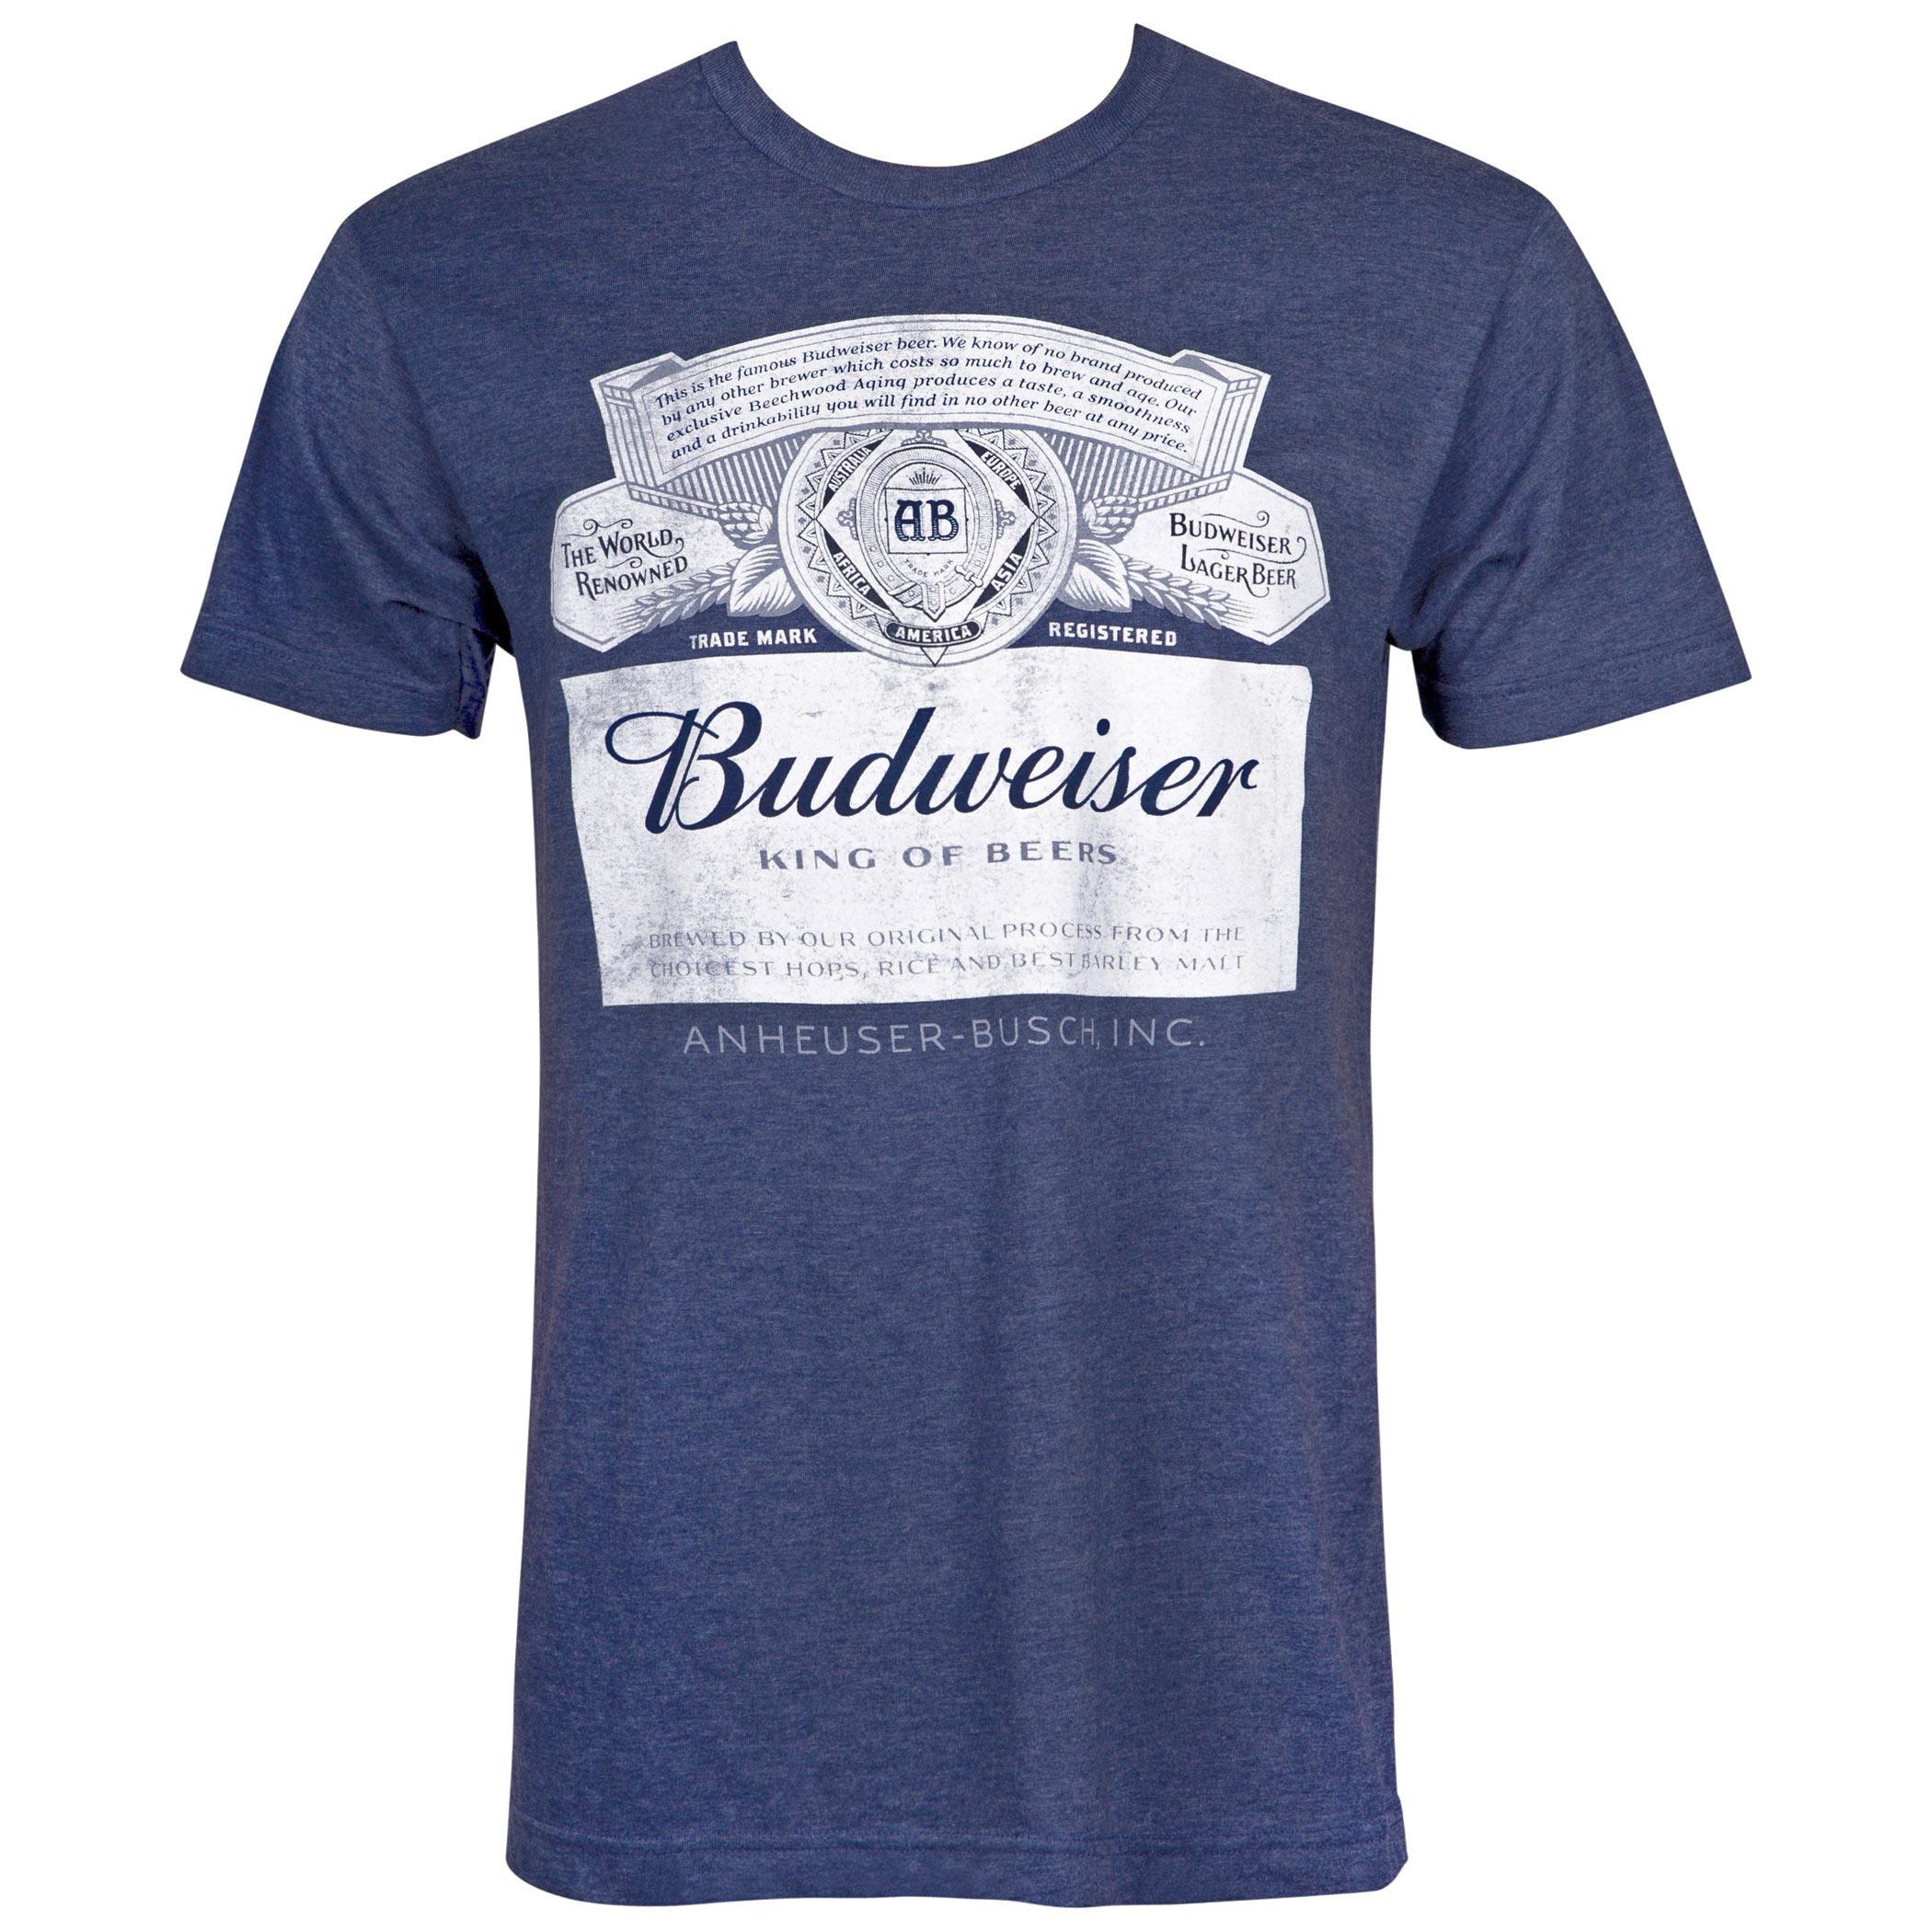 Budweiser Label Midnight Navy Blue Tee Shirt